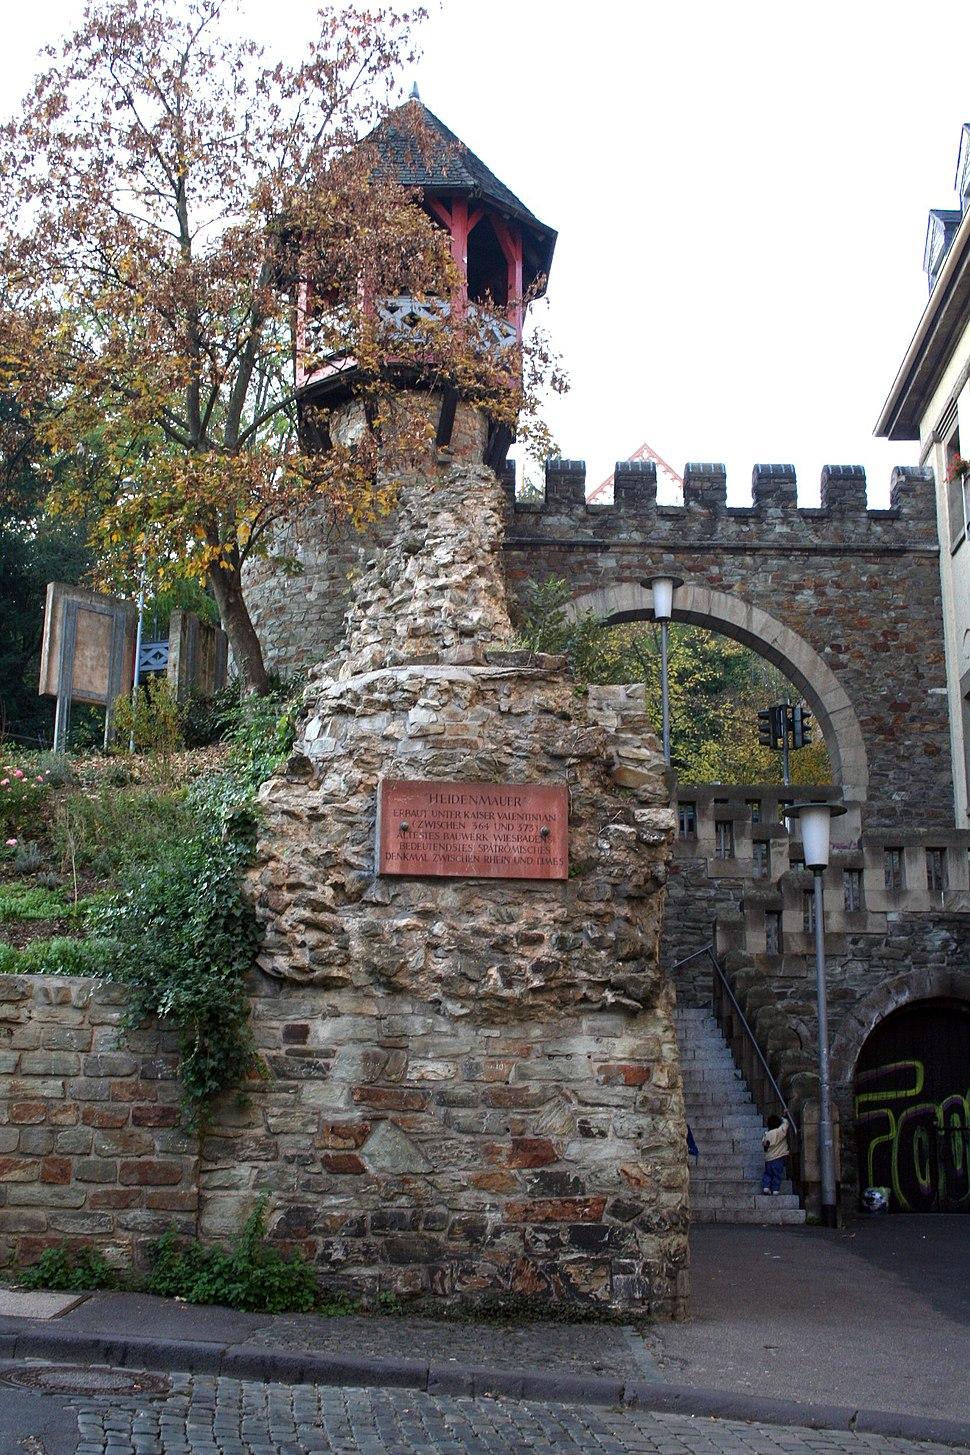 Heidenmauer in Wiesbaden